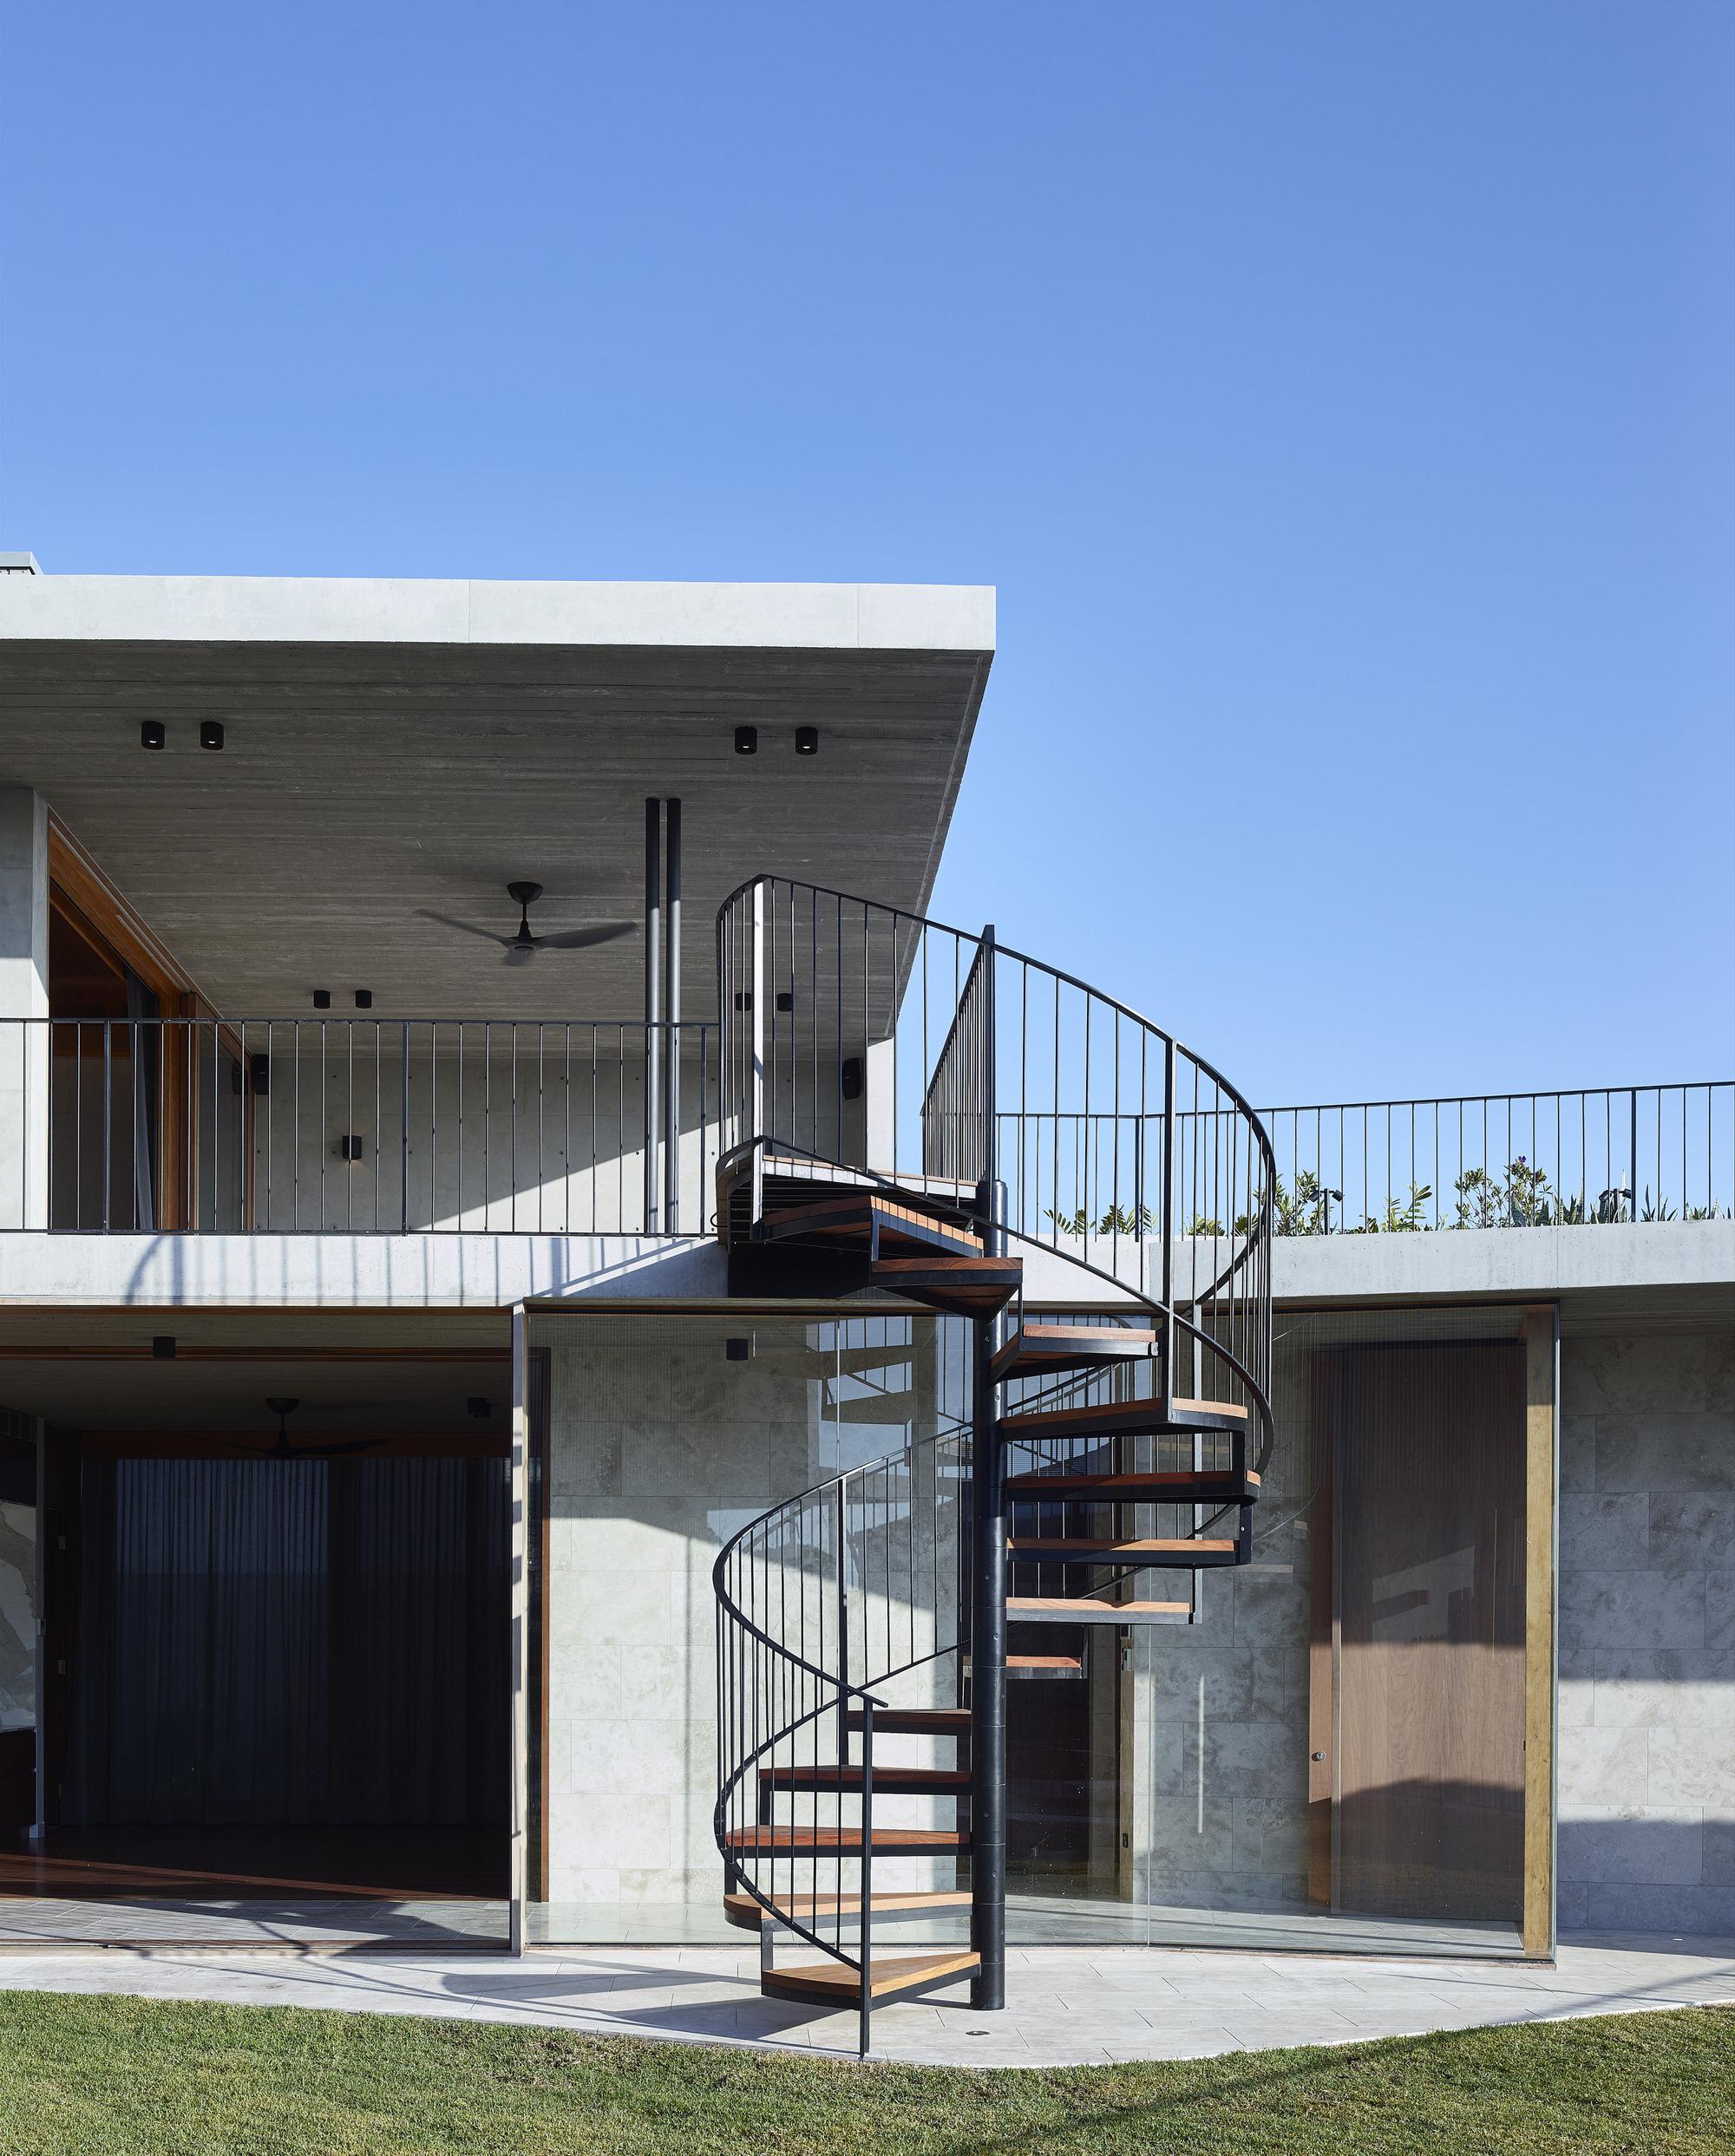 V House / Shaun Lockyer Architects